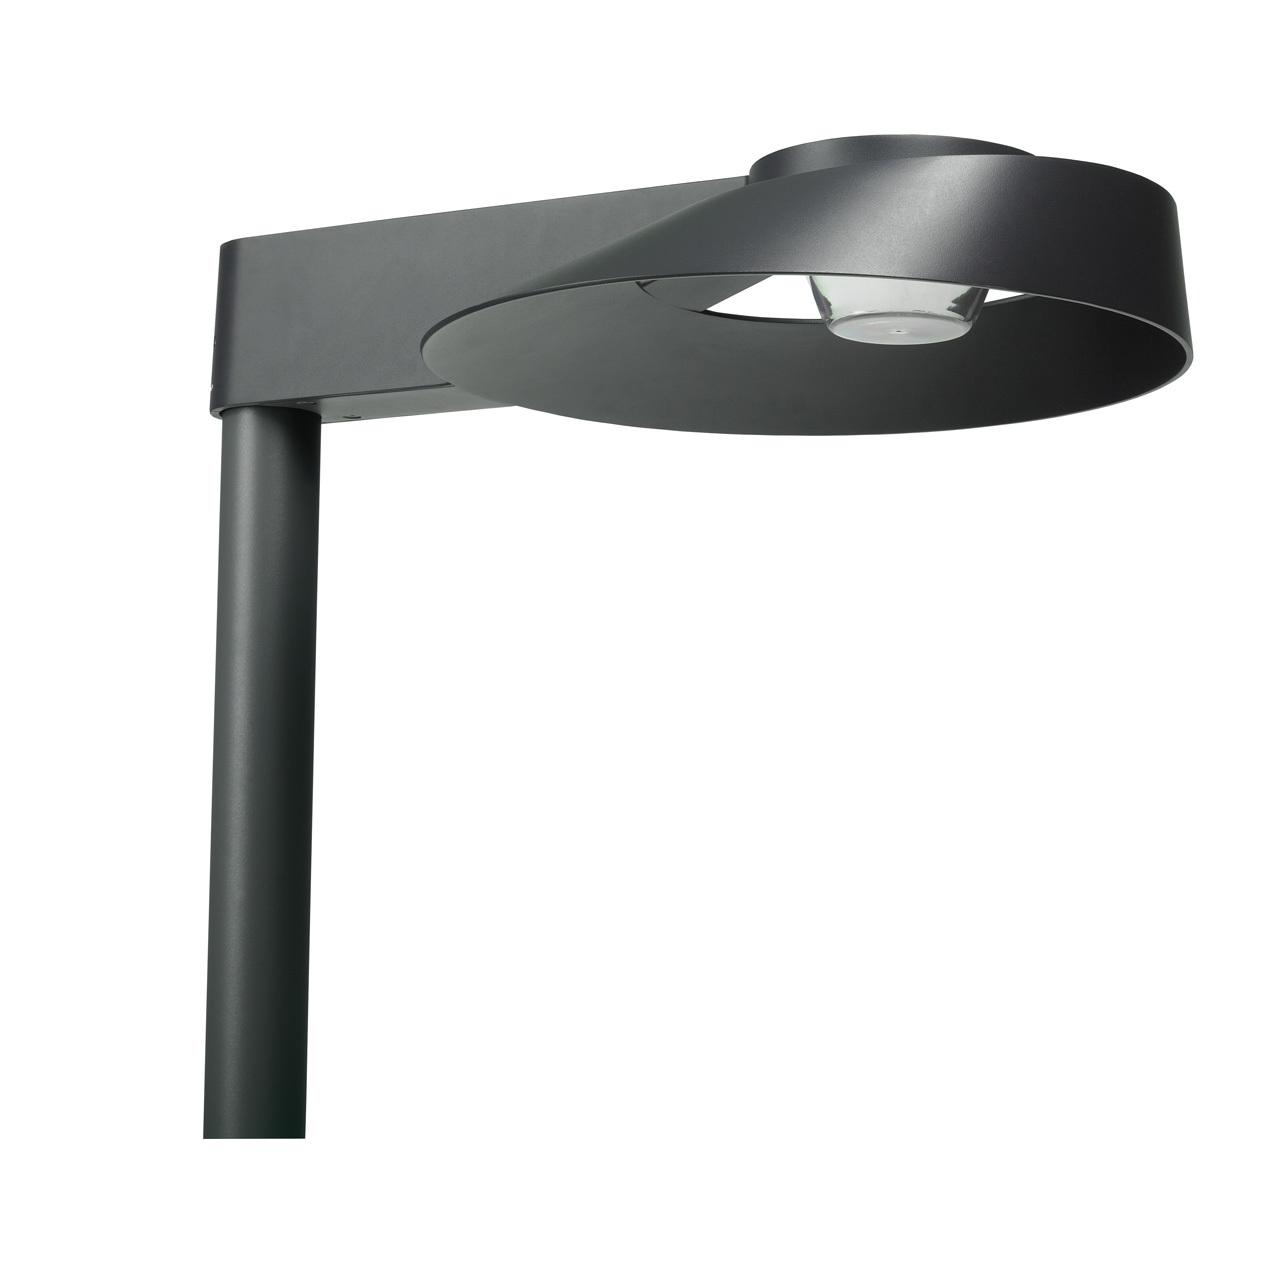 Lampa na słup SUNNFJORD LED 1508GR -Norlys  SPRAWDŹ RABATY  5-10-15-20 % w koszyku